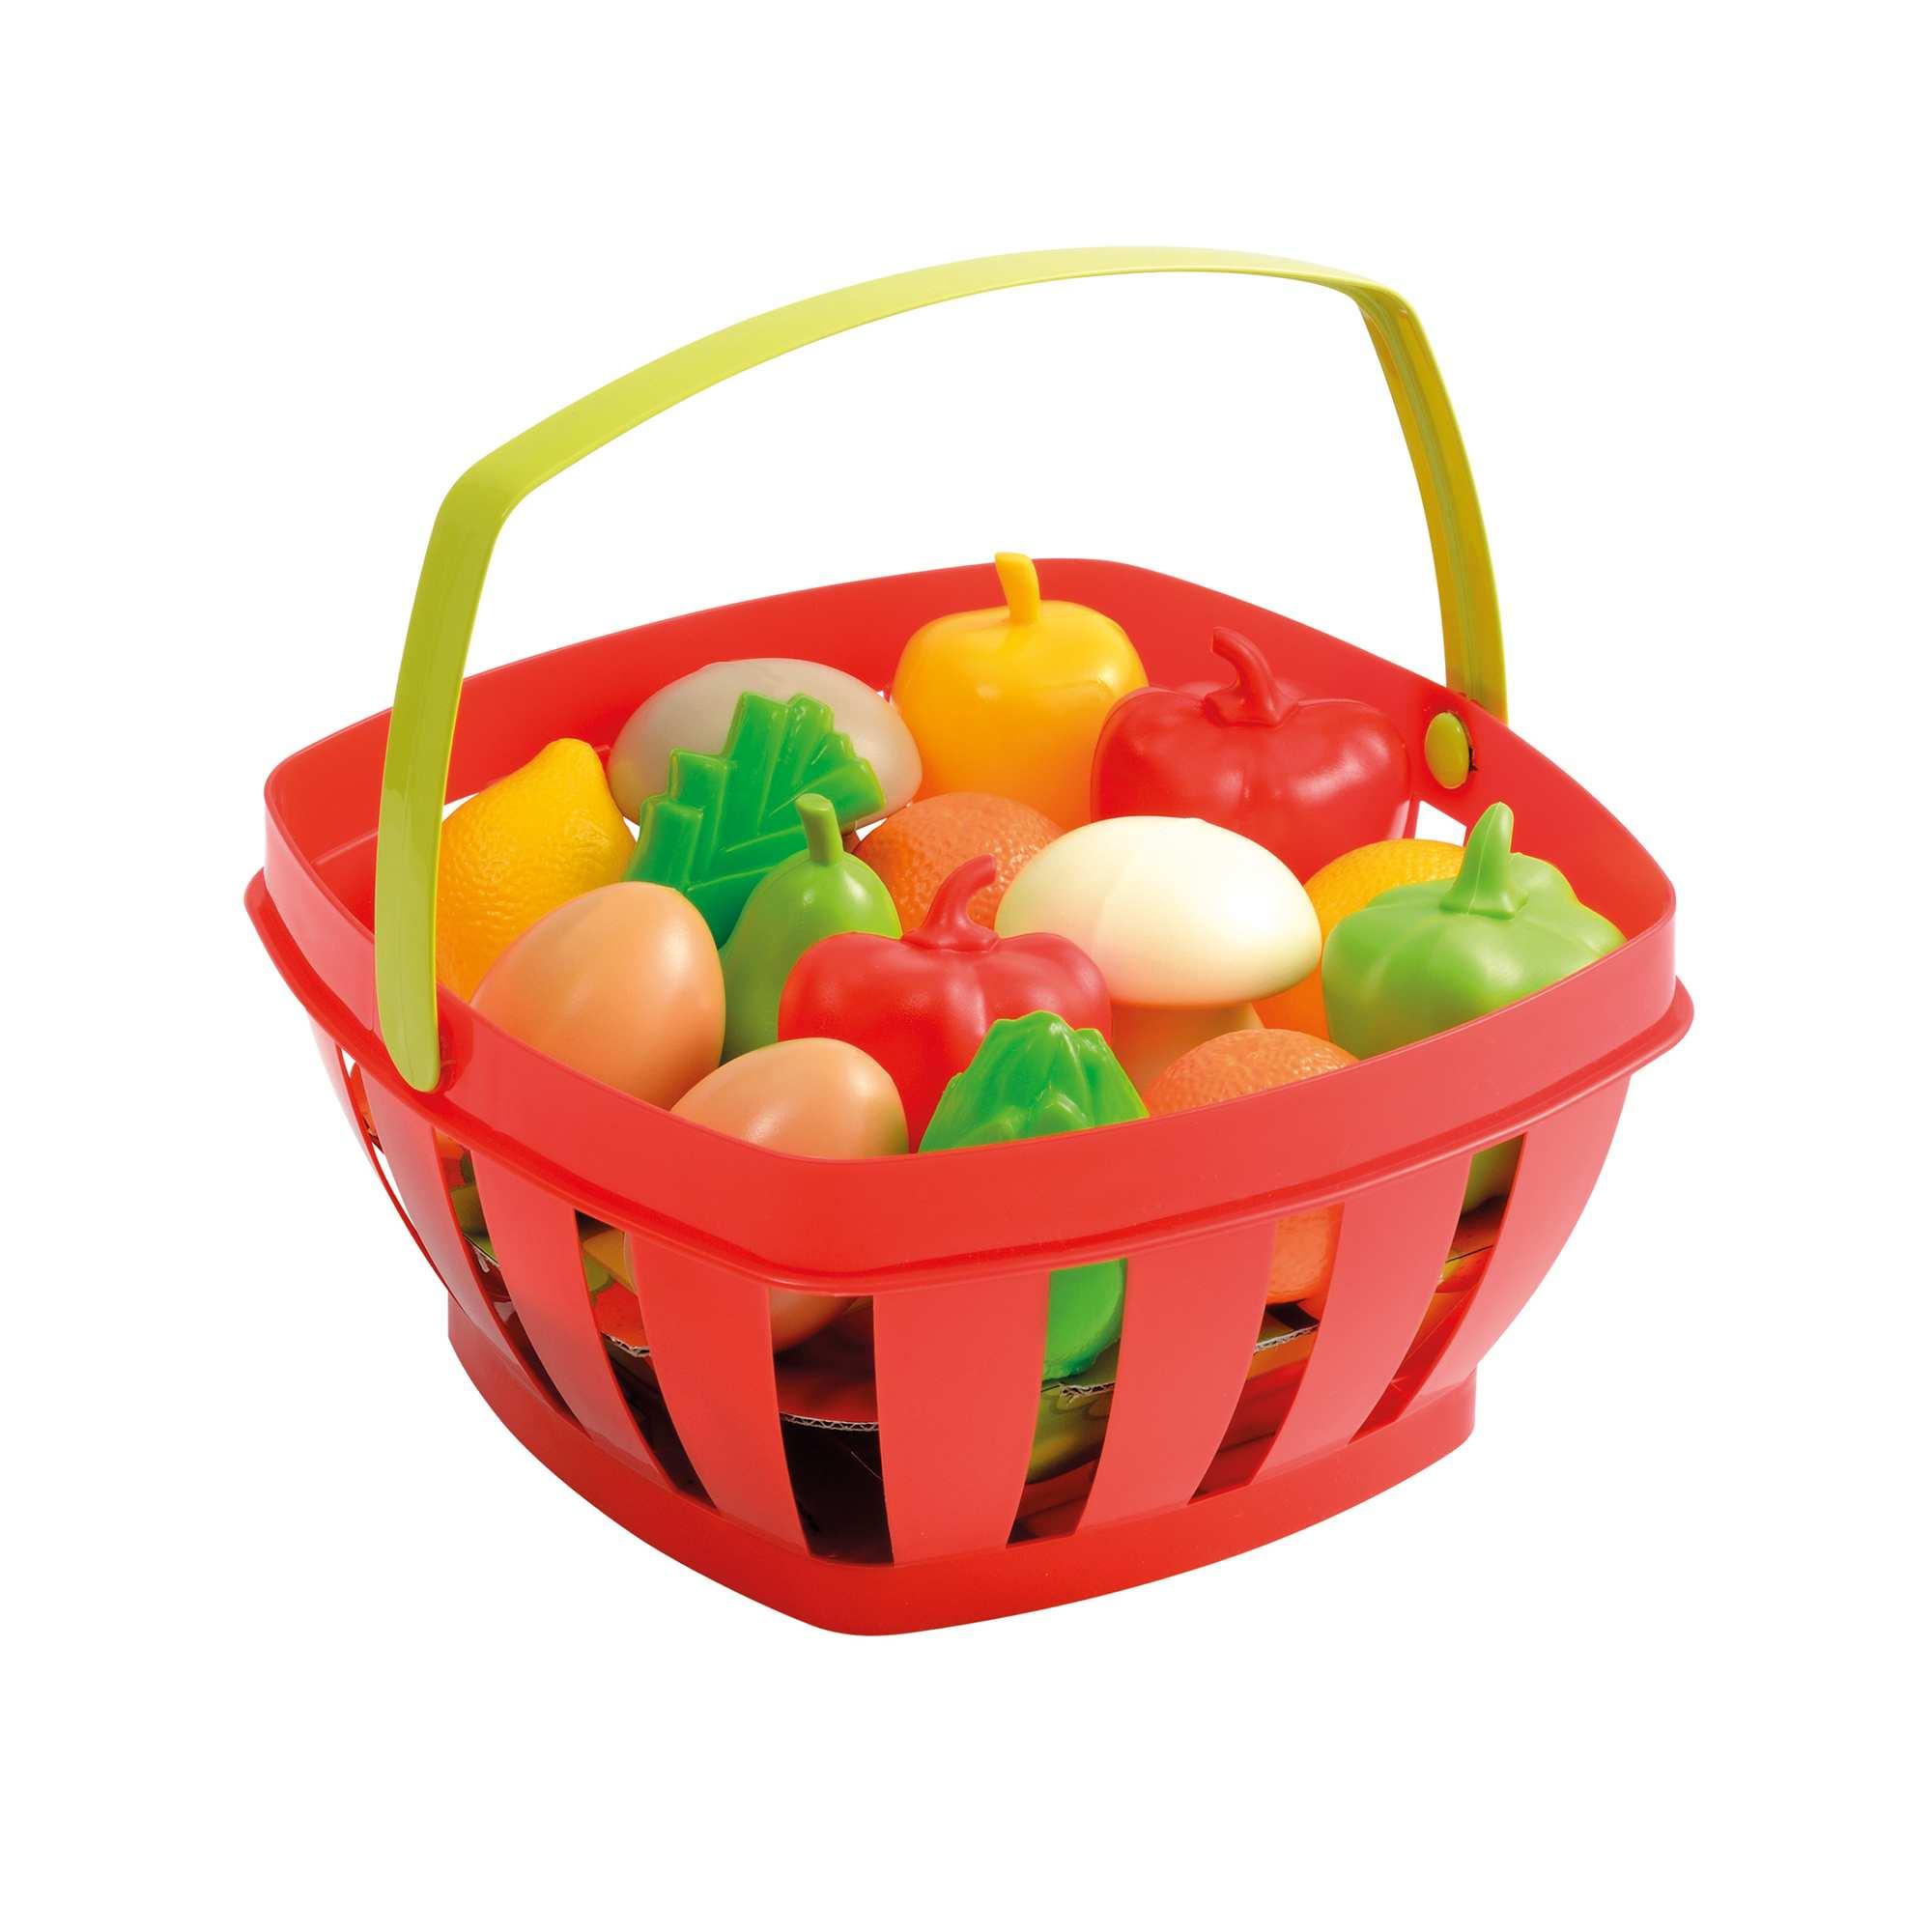 panier fruits et l gumes fille multicolore kiabi 6 00. Black Bedroom Furniture Sets. Home Design Ideas